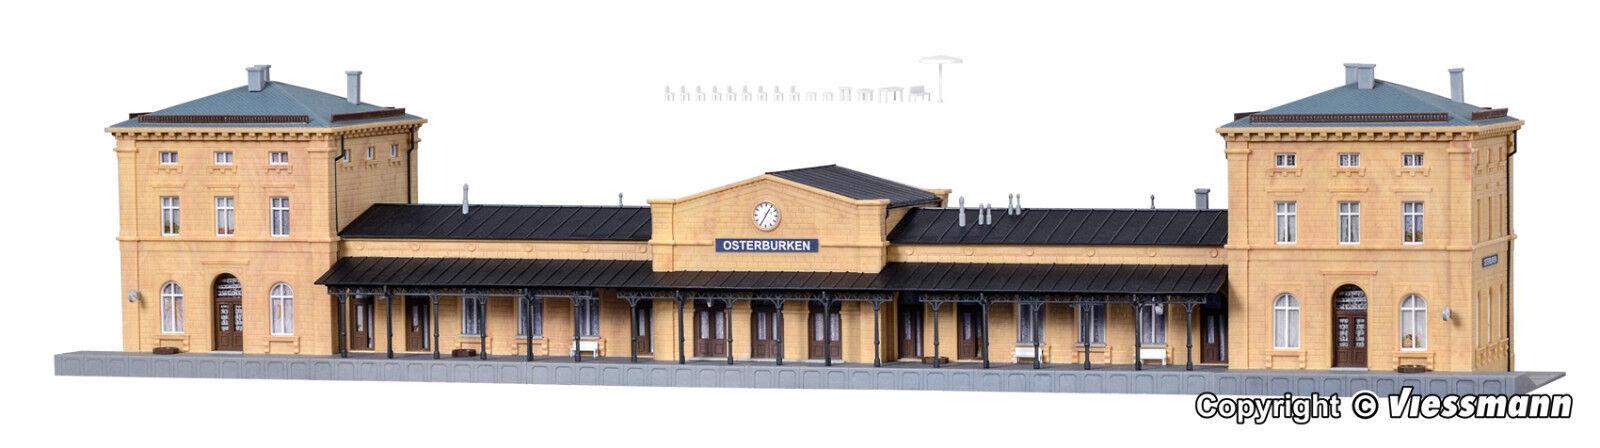 Kibri n 37706 la estación osterburken nuevo en el embalaje original